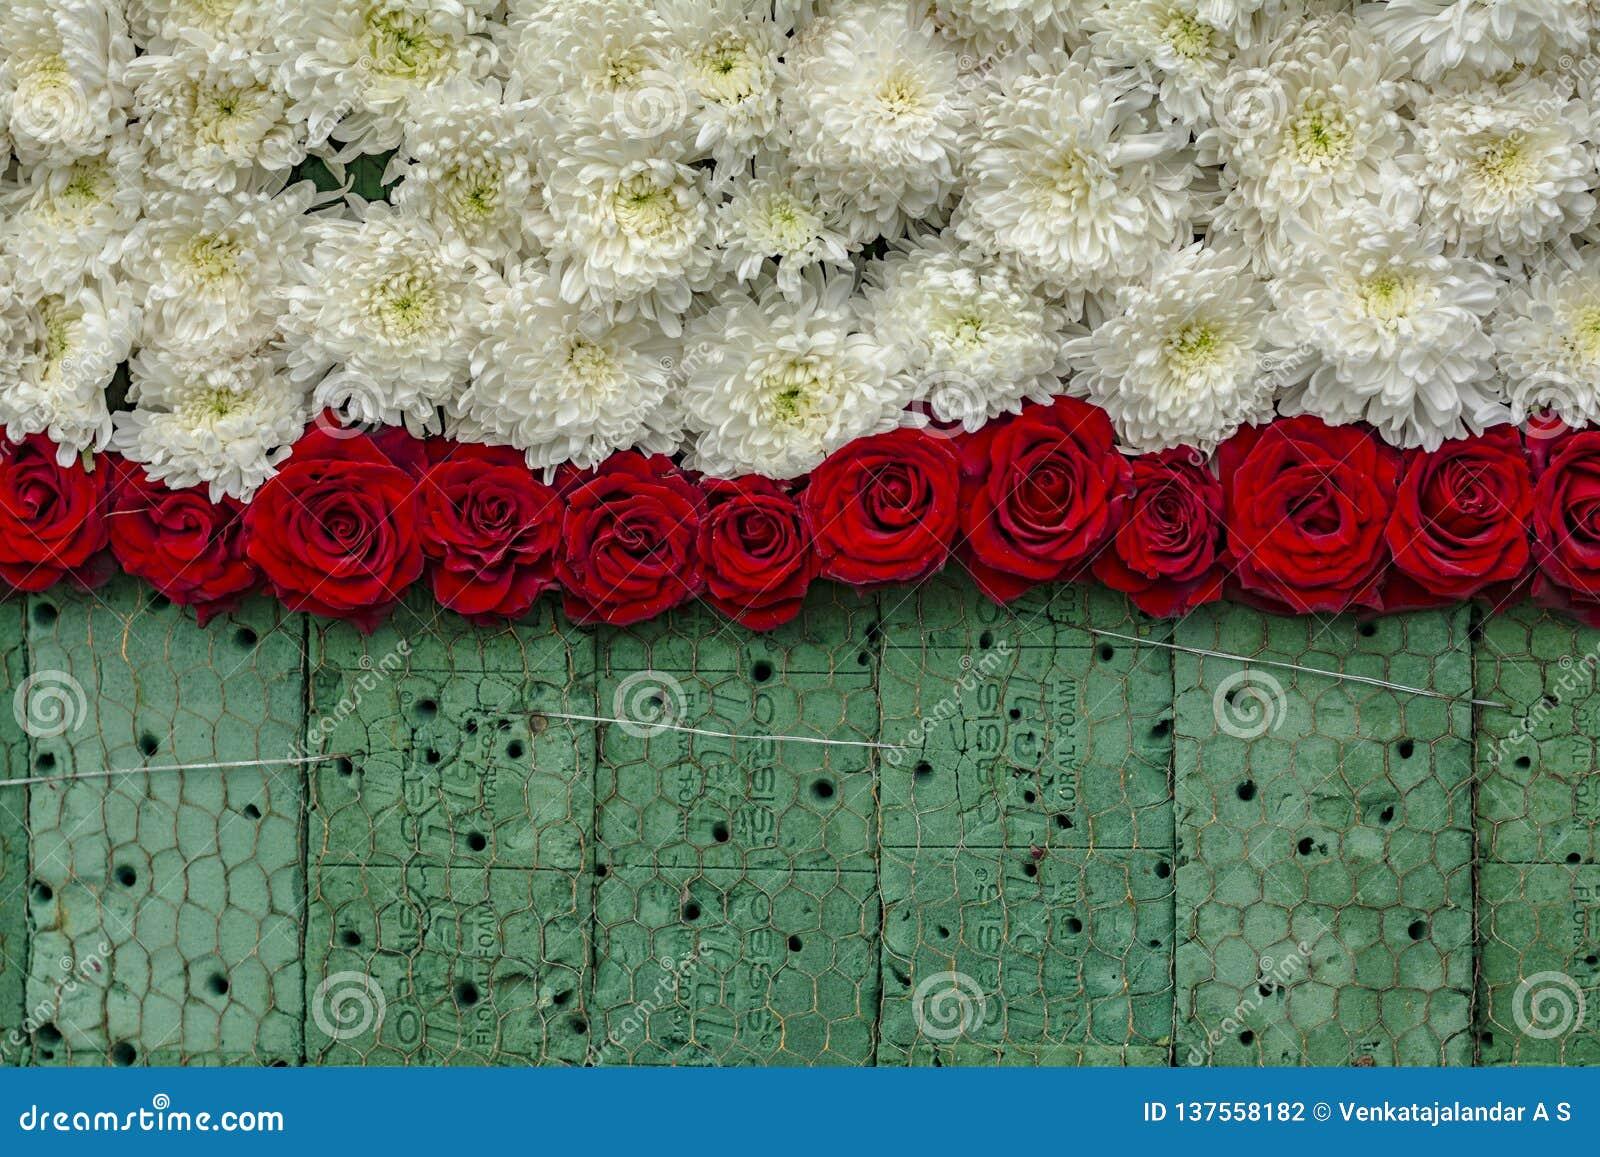 Pågående arbete: Vägg av Rose Flowers på blom- skum